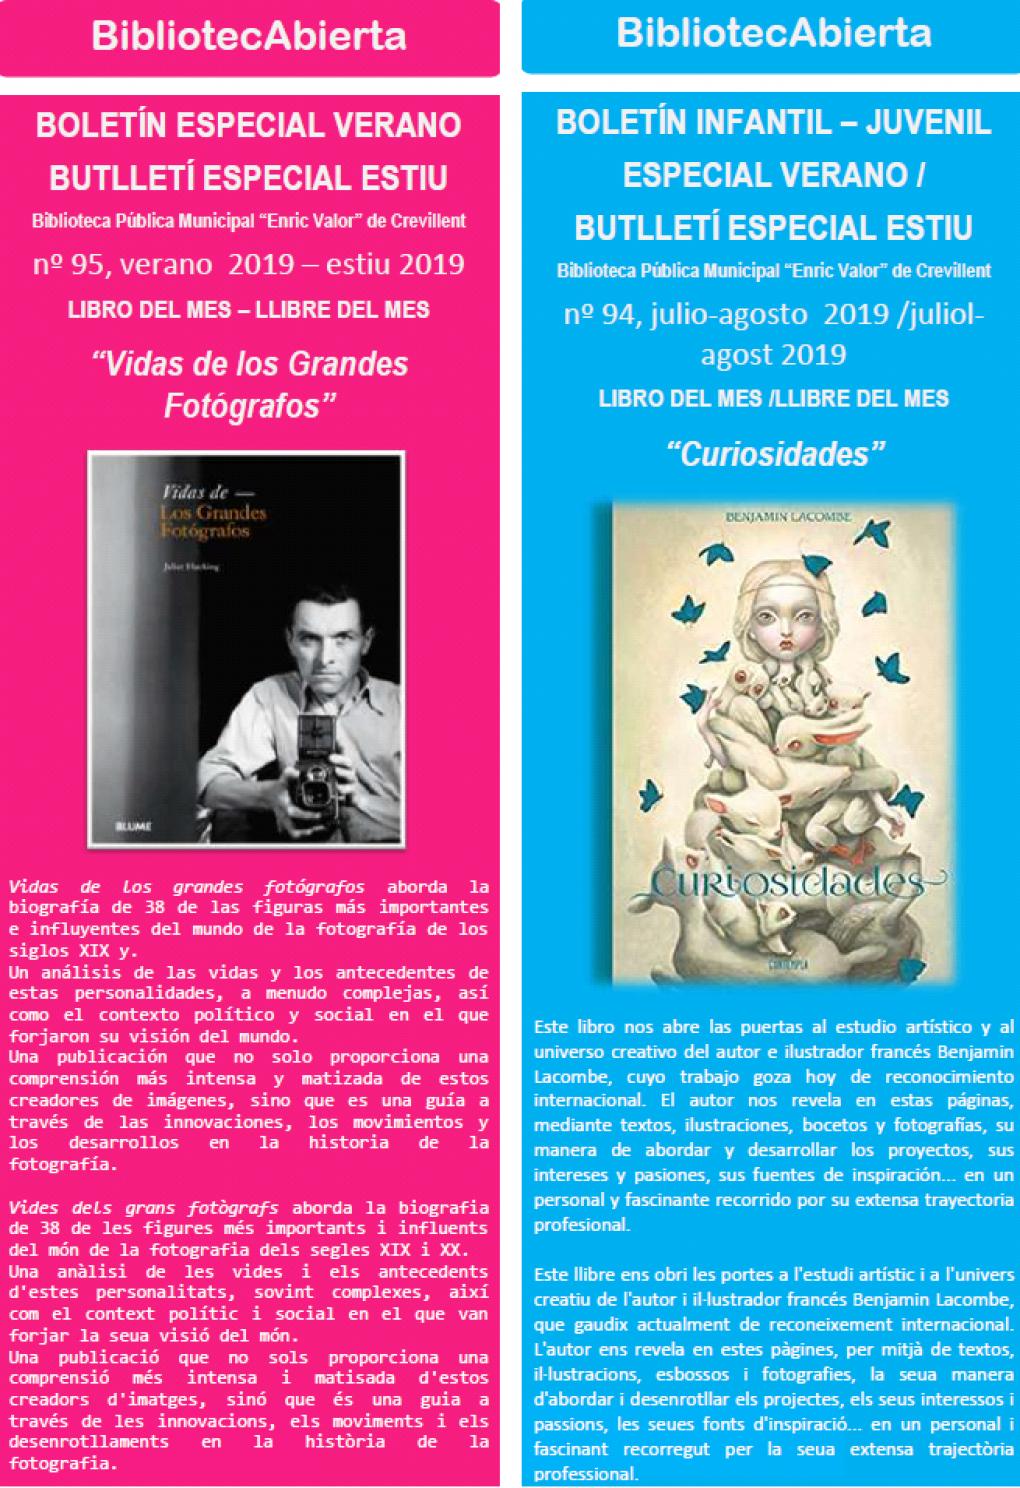 """""""Curiosidades"""" y """"Vidas de los Grandes Fotógrafos"""" son los libros del mes de julio y agosto de la Biblioteca """"Enric Valor"""""""